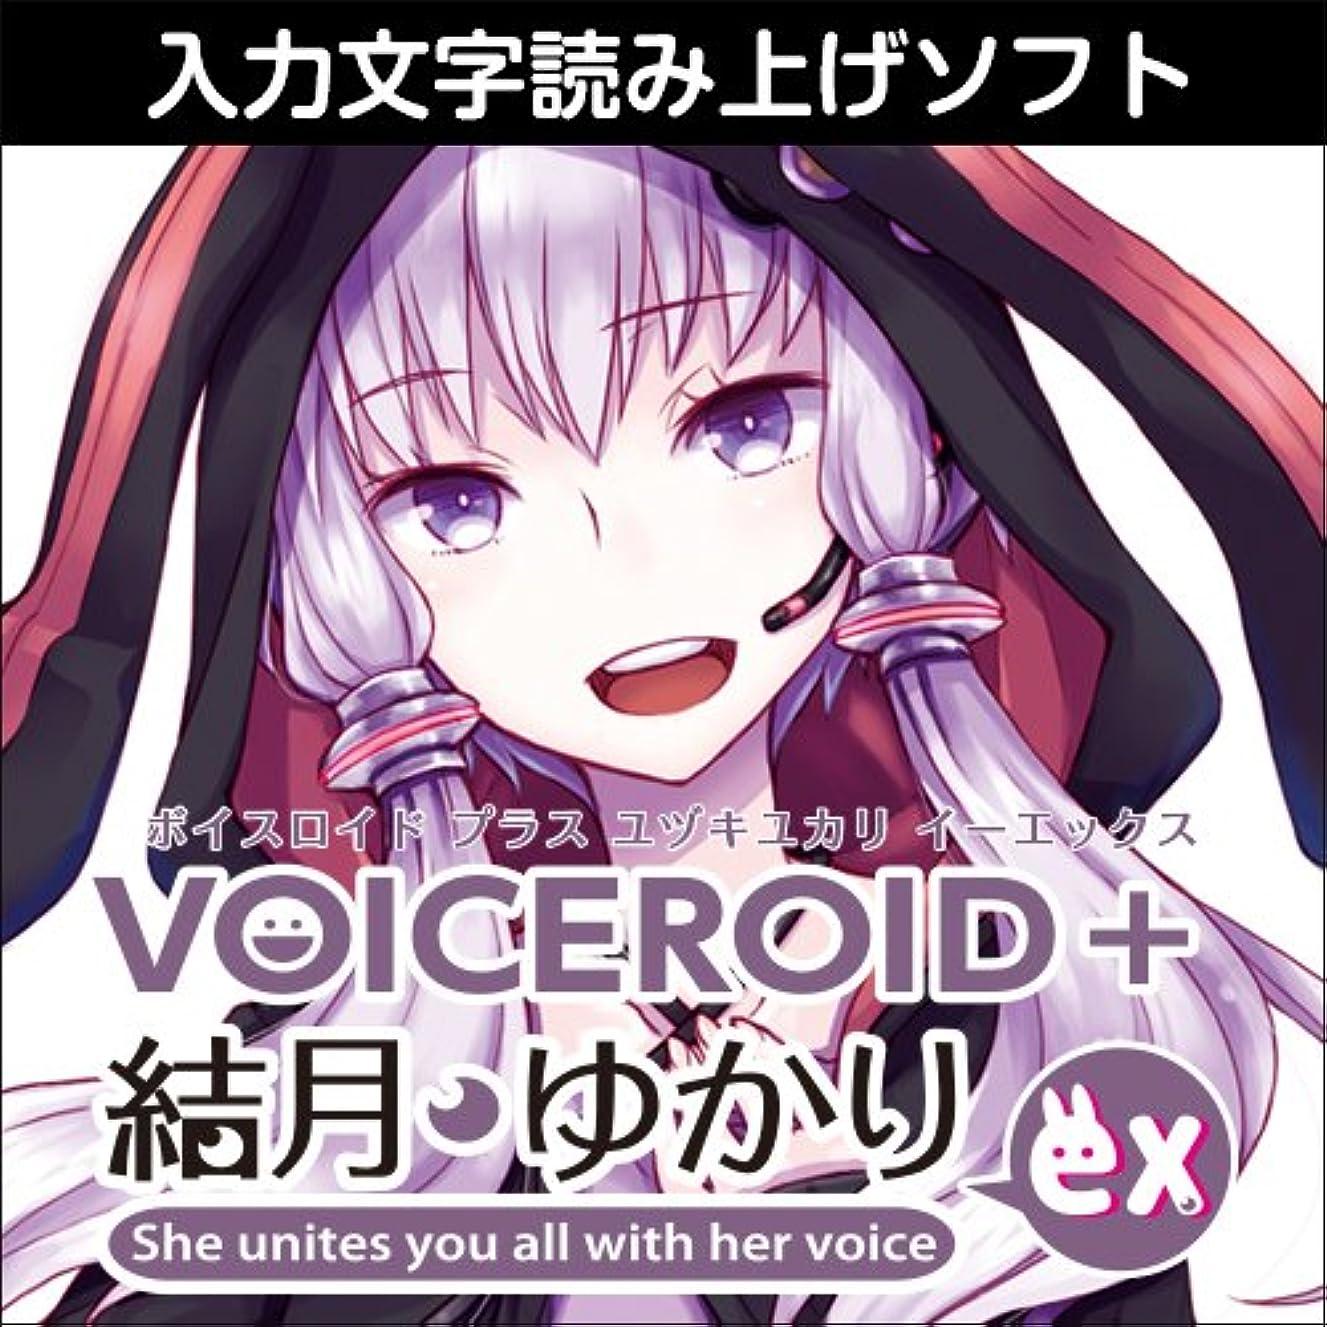 反射岩衝撃VOICEROID+ 結月ゆかり EX ダウンロード版 [ダウンロード]